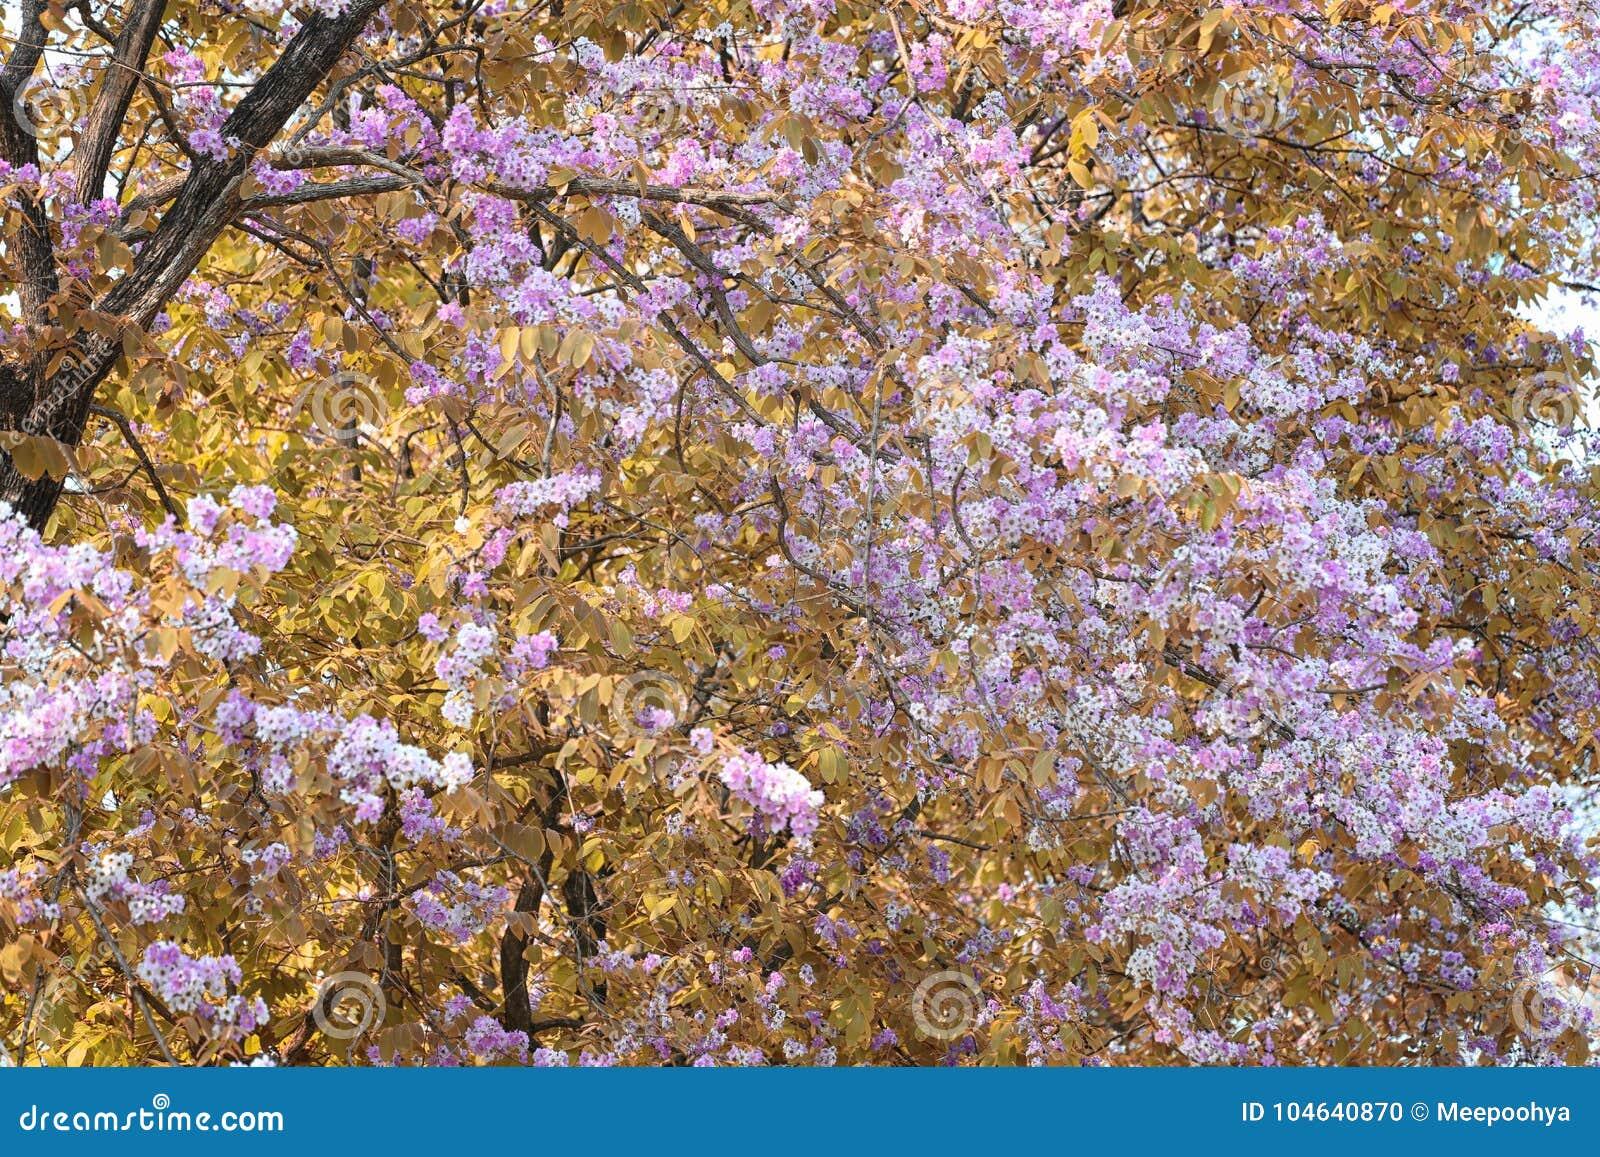 Download De Verandering Van De Bladkleur En Bloeiende Bloemen Stock Foto - Afbeelding bestaande uit openlucht, seizoen: 104640870